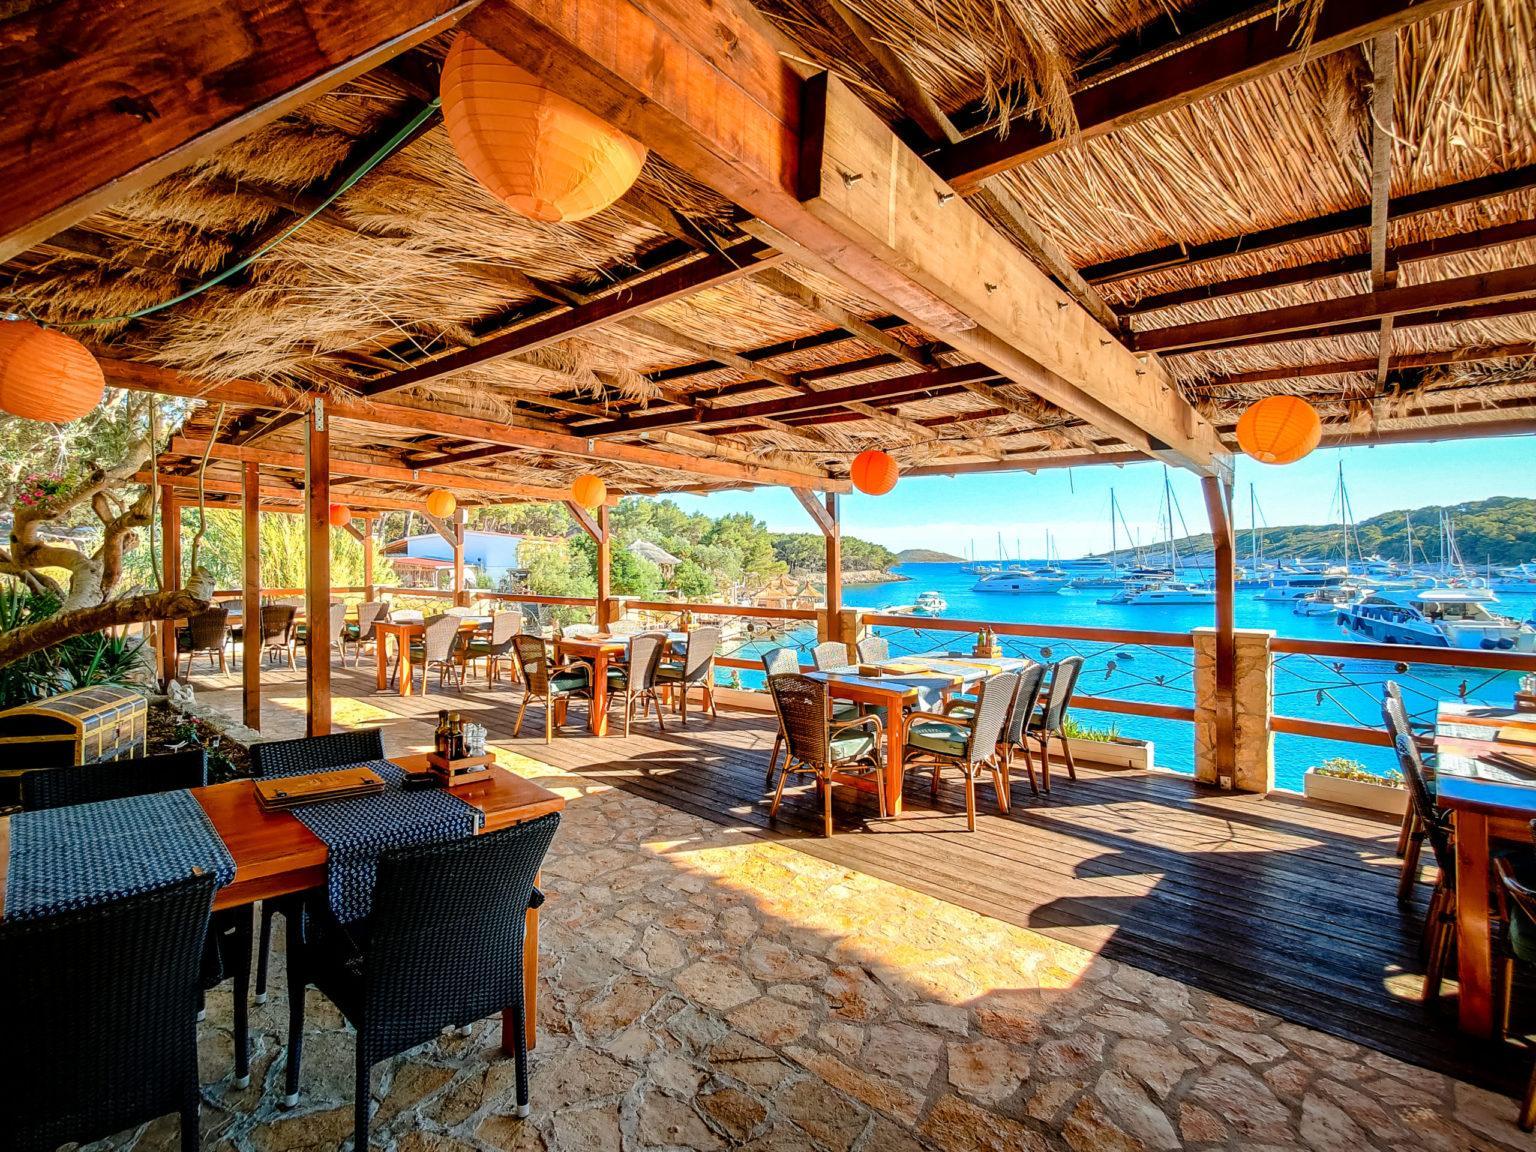 Hochzeitslocation Kroatien Beachclub Location Hochzeitsplanung am Meer Heiraten idyllisch Strandclubhaus